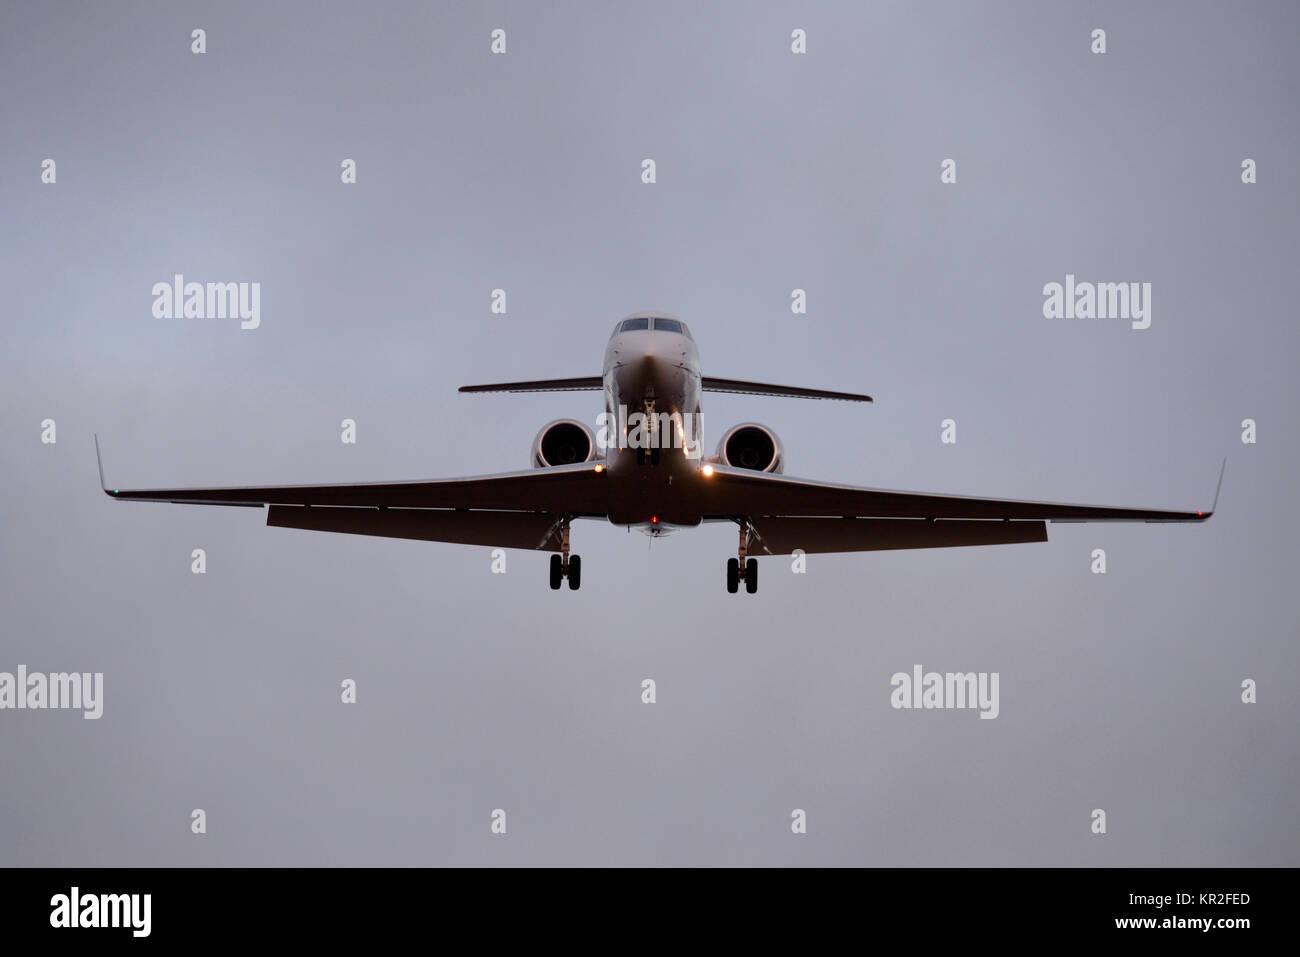 Gulfstream V GV Flugzeug Landung am Flughafen London Stansted bei Dämmerung. Platz für Kopie Stockbild